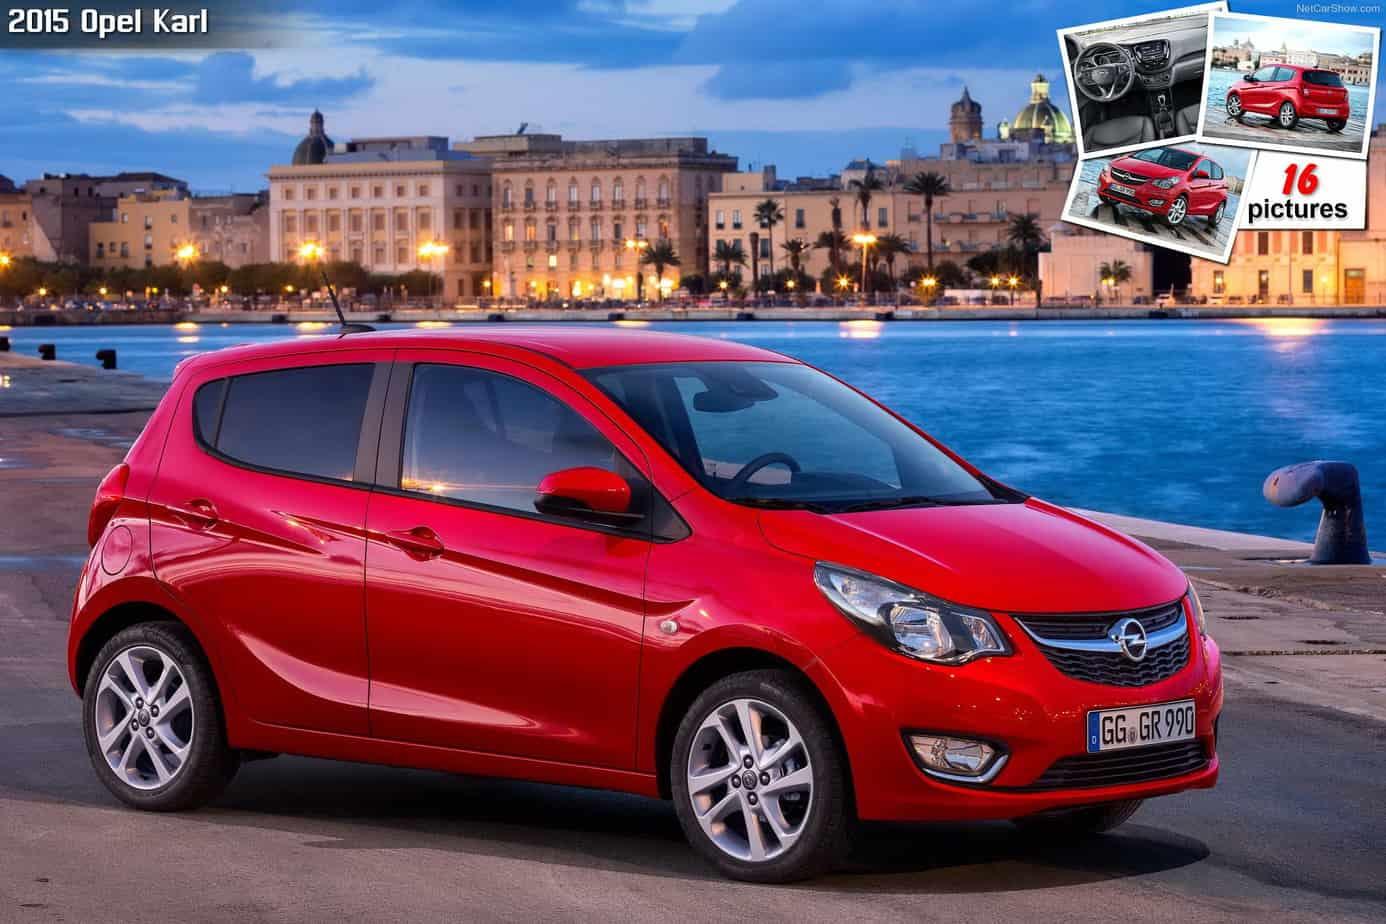 Kinh nghiệm tìm đơn vị sửa chữa, bảo dưỡng xe xe ôtô Opel